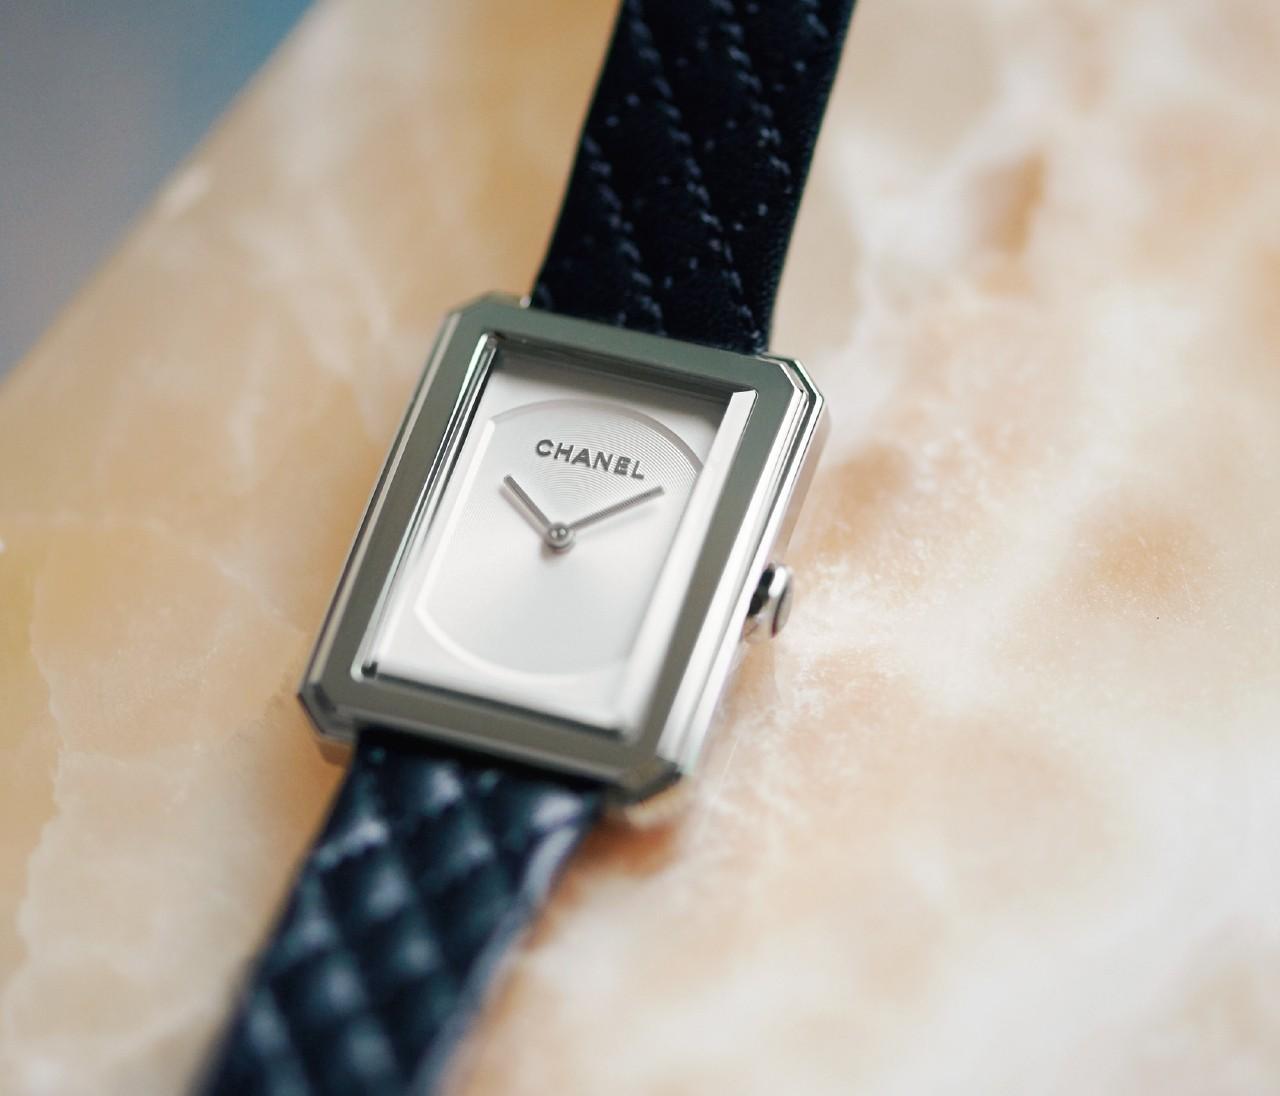 【30代の新・ブランド名品まとめ】バッグ、ミニ財布、時計...本命アイテムをおしゃれプロが厳選!